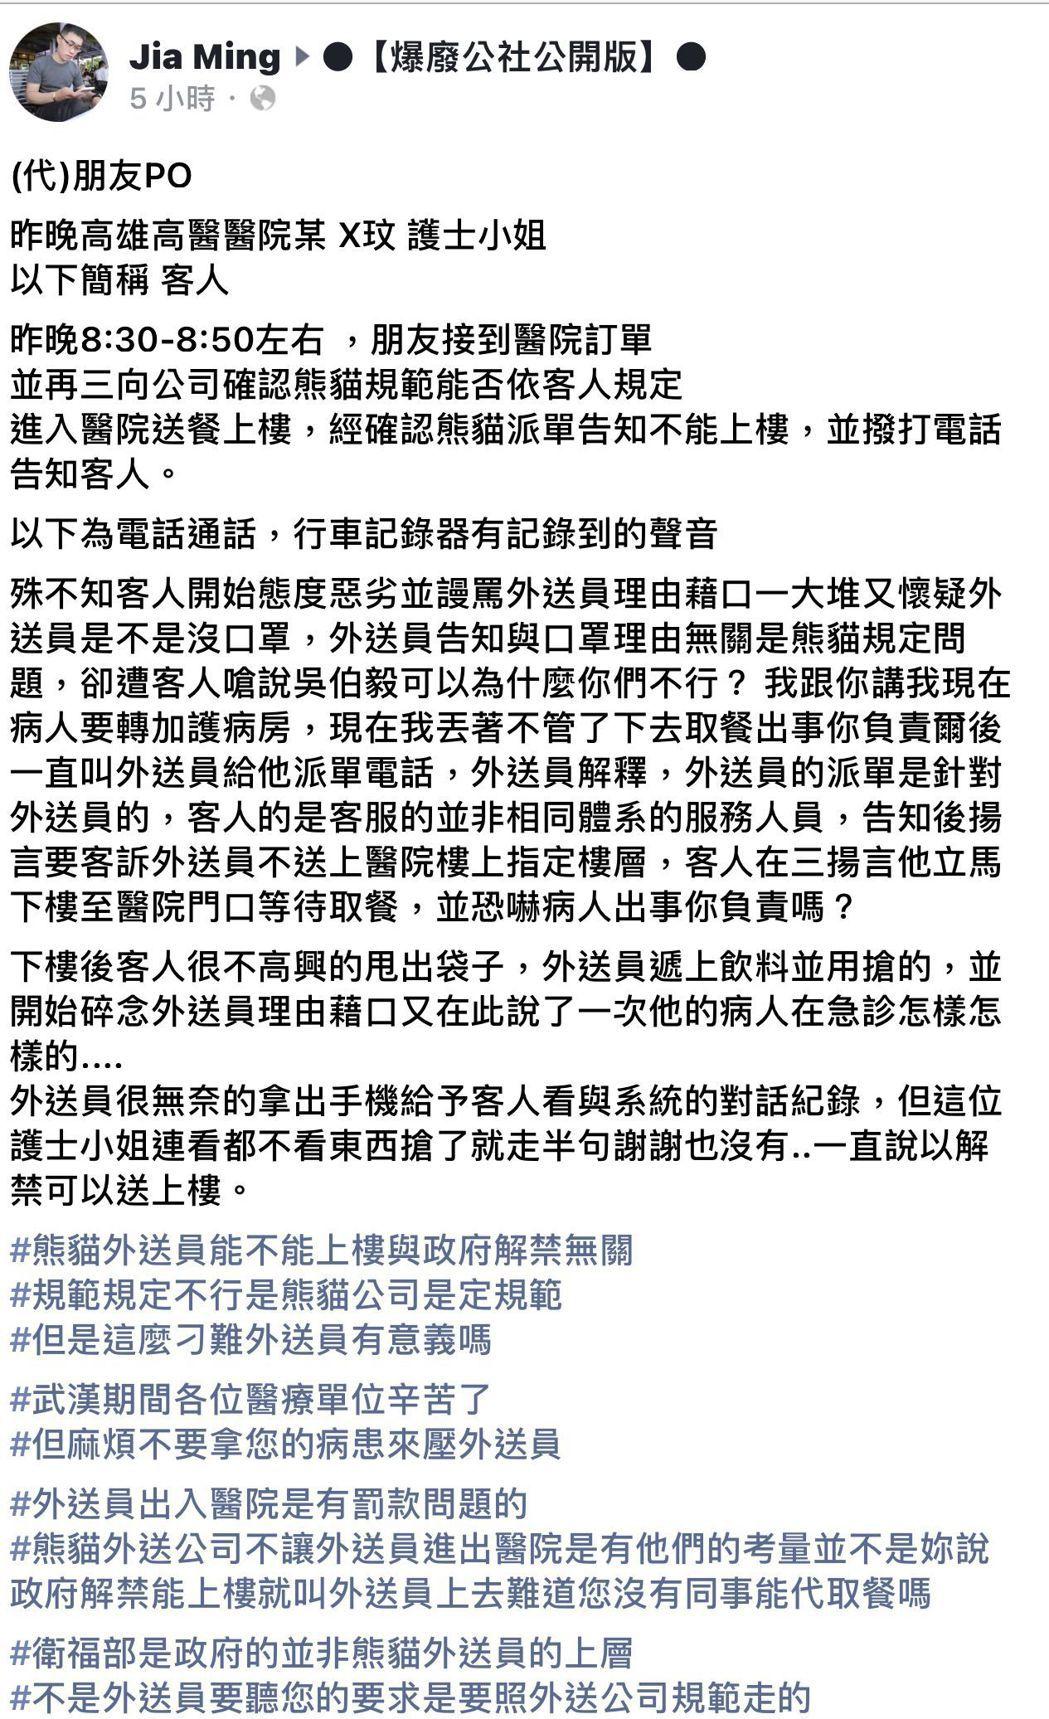 一名外送員送餐與護理師爆糾紛,請友人PO網控遭刁難。圖/翻攝自爆廢公社公開版